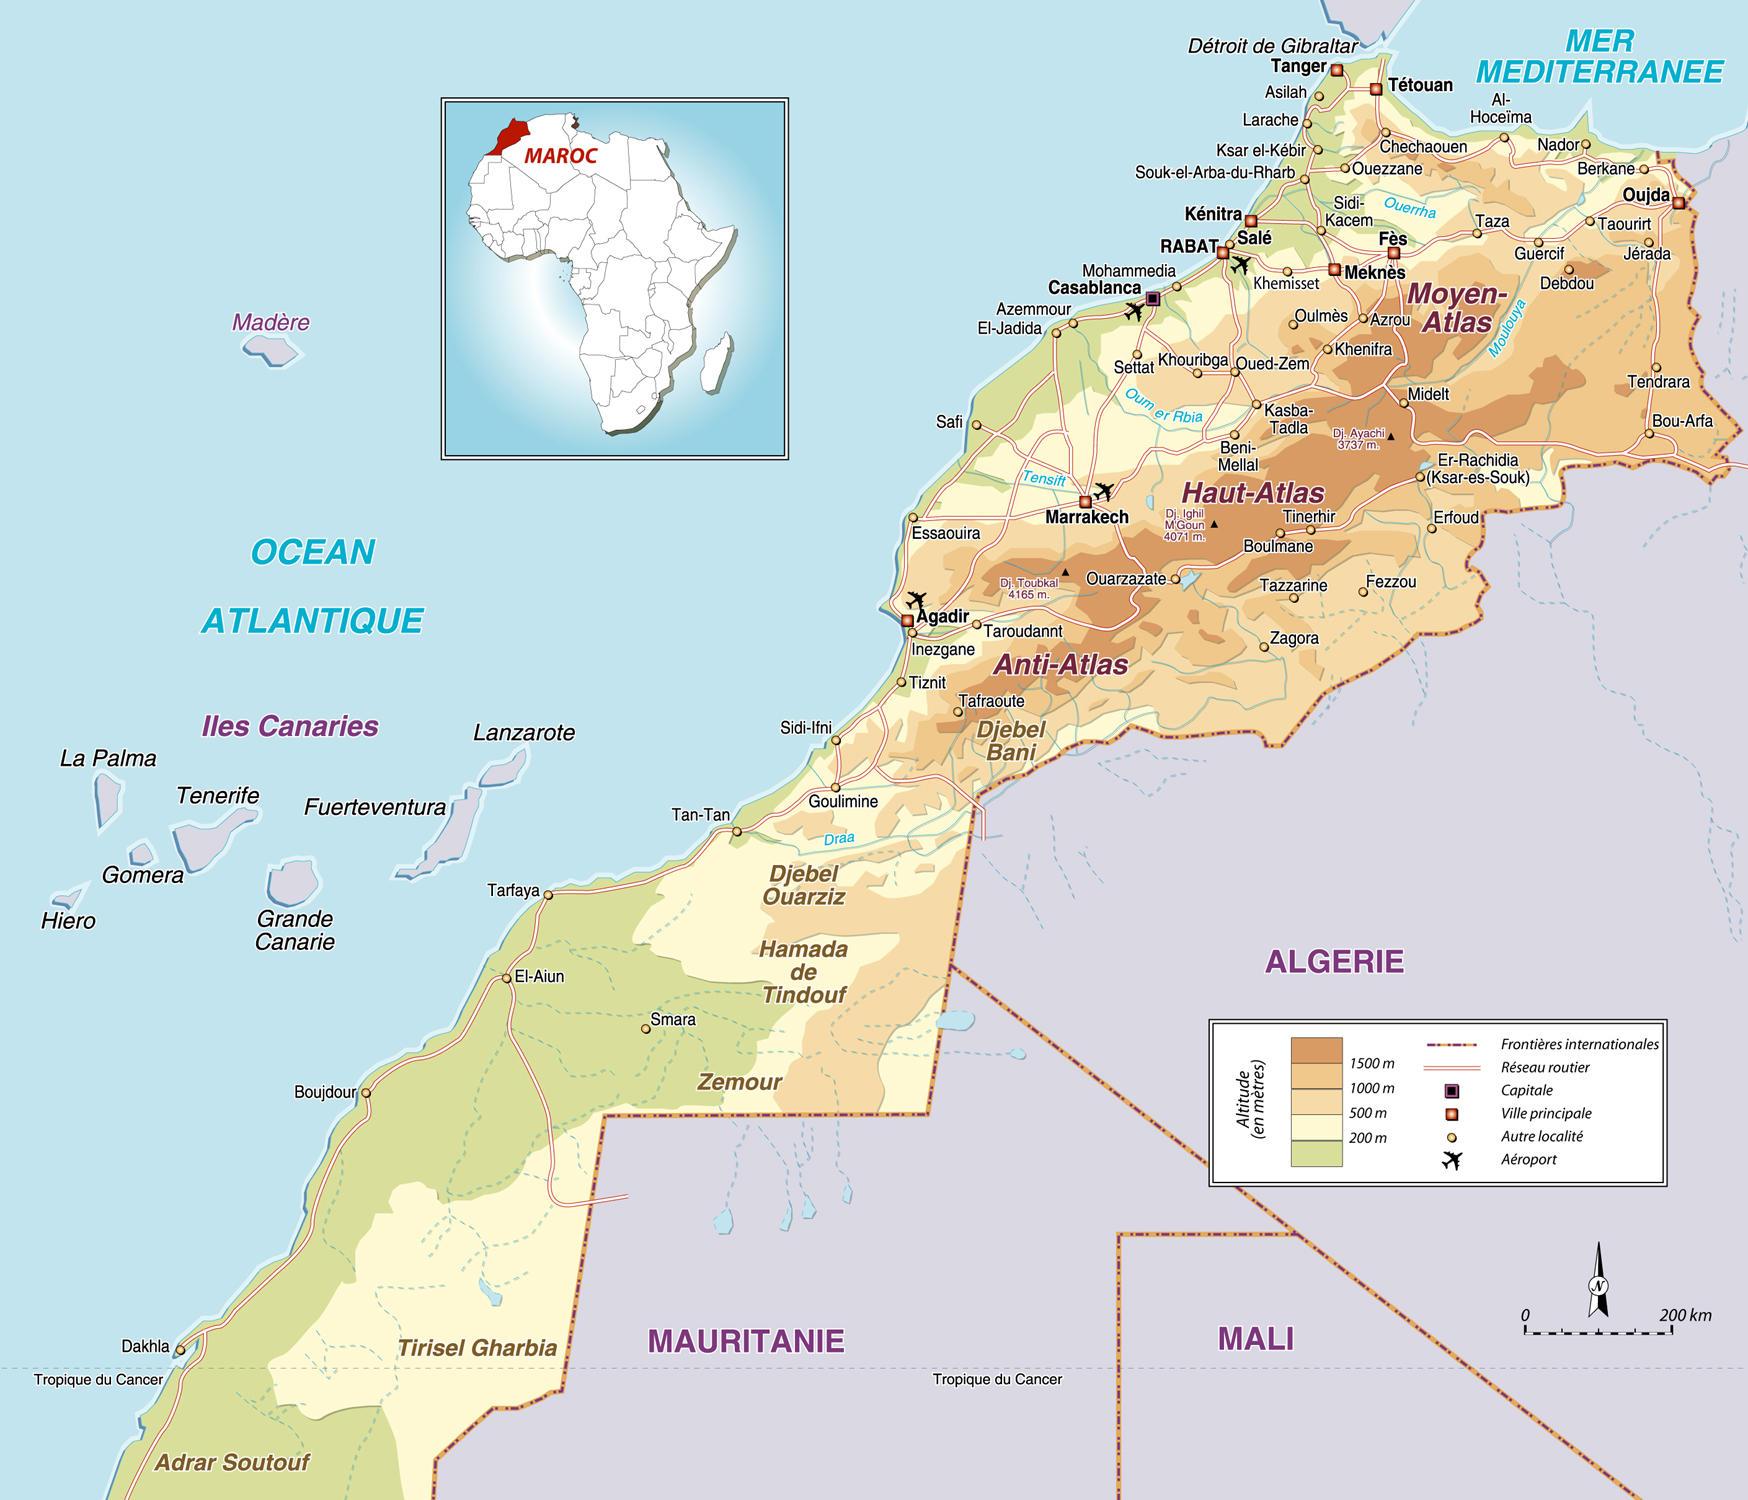 Mapa De Carreteras De Marruecos Mapacarreteras Org